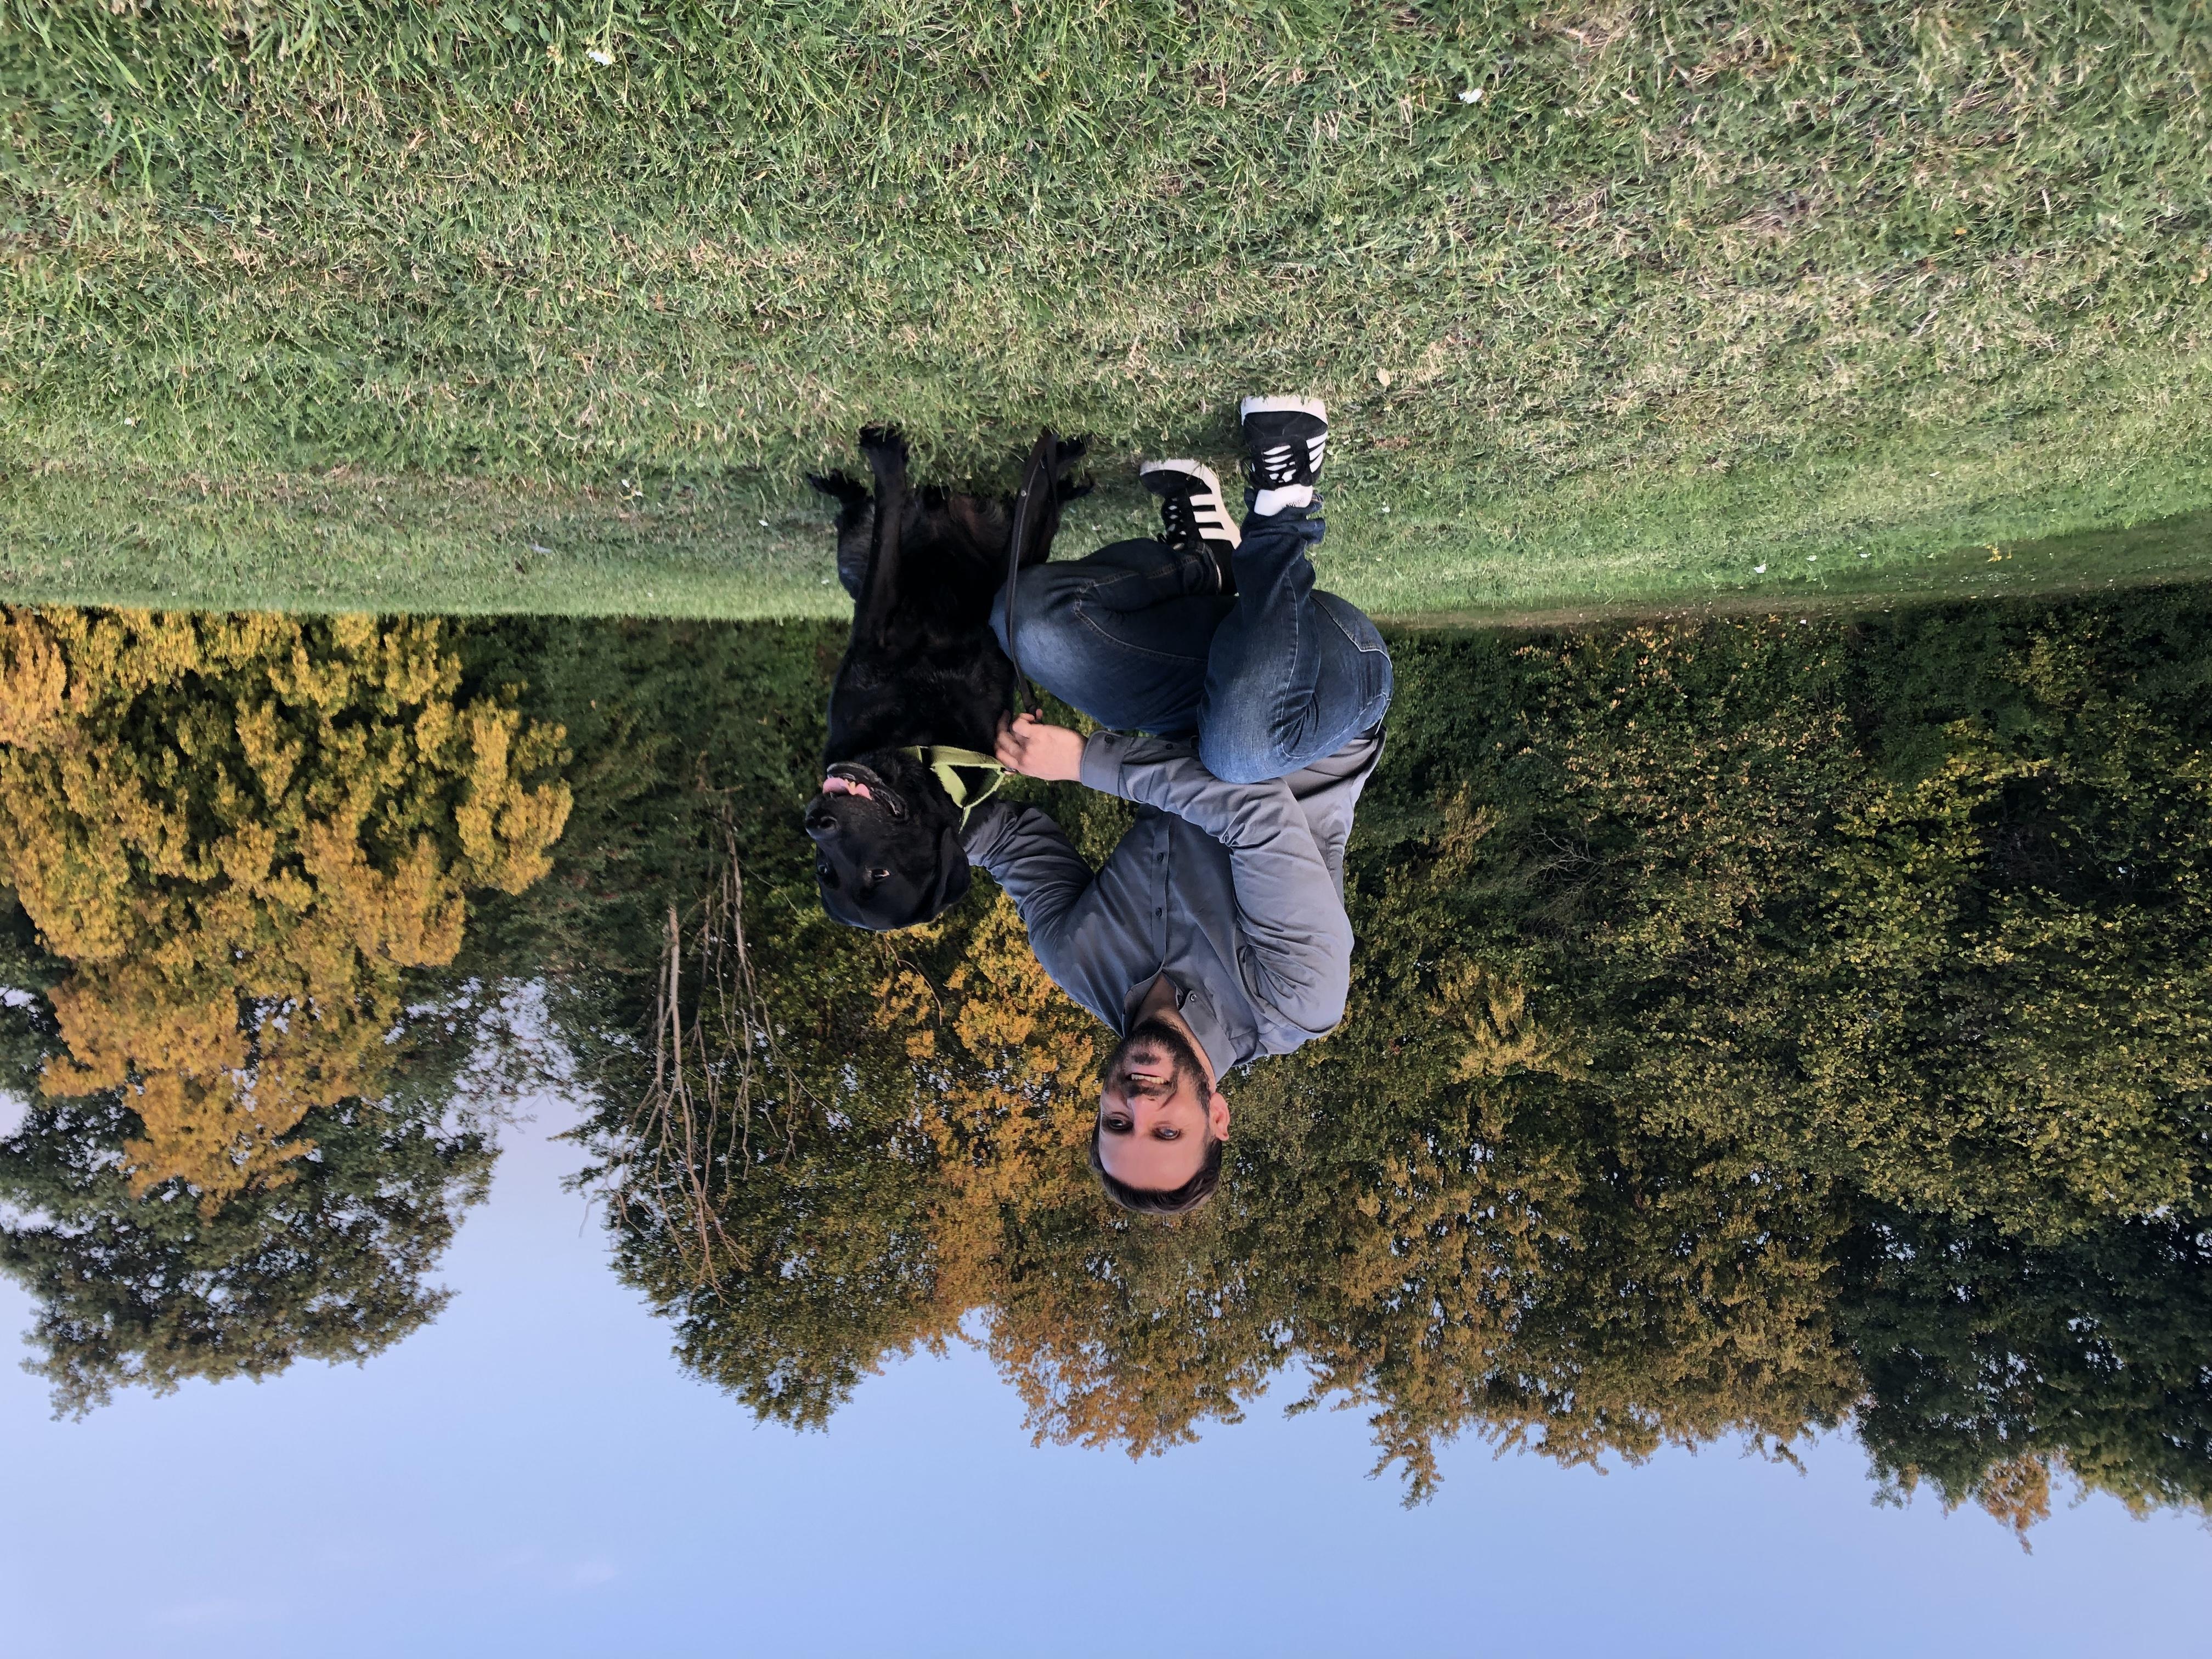 Fatmir och ledarhunden Gibson sitter bredvid varandra på en gräsbevuxen kulle. I bakgrunden finns höga träd och blå himmel.